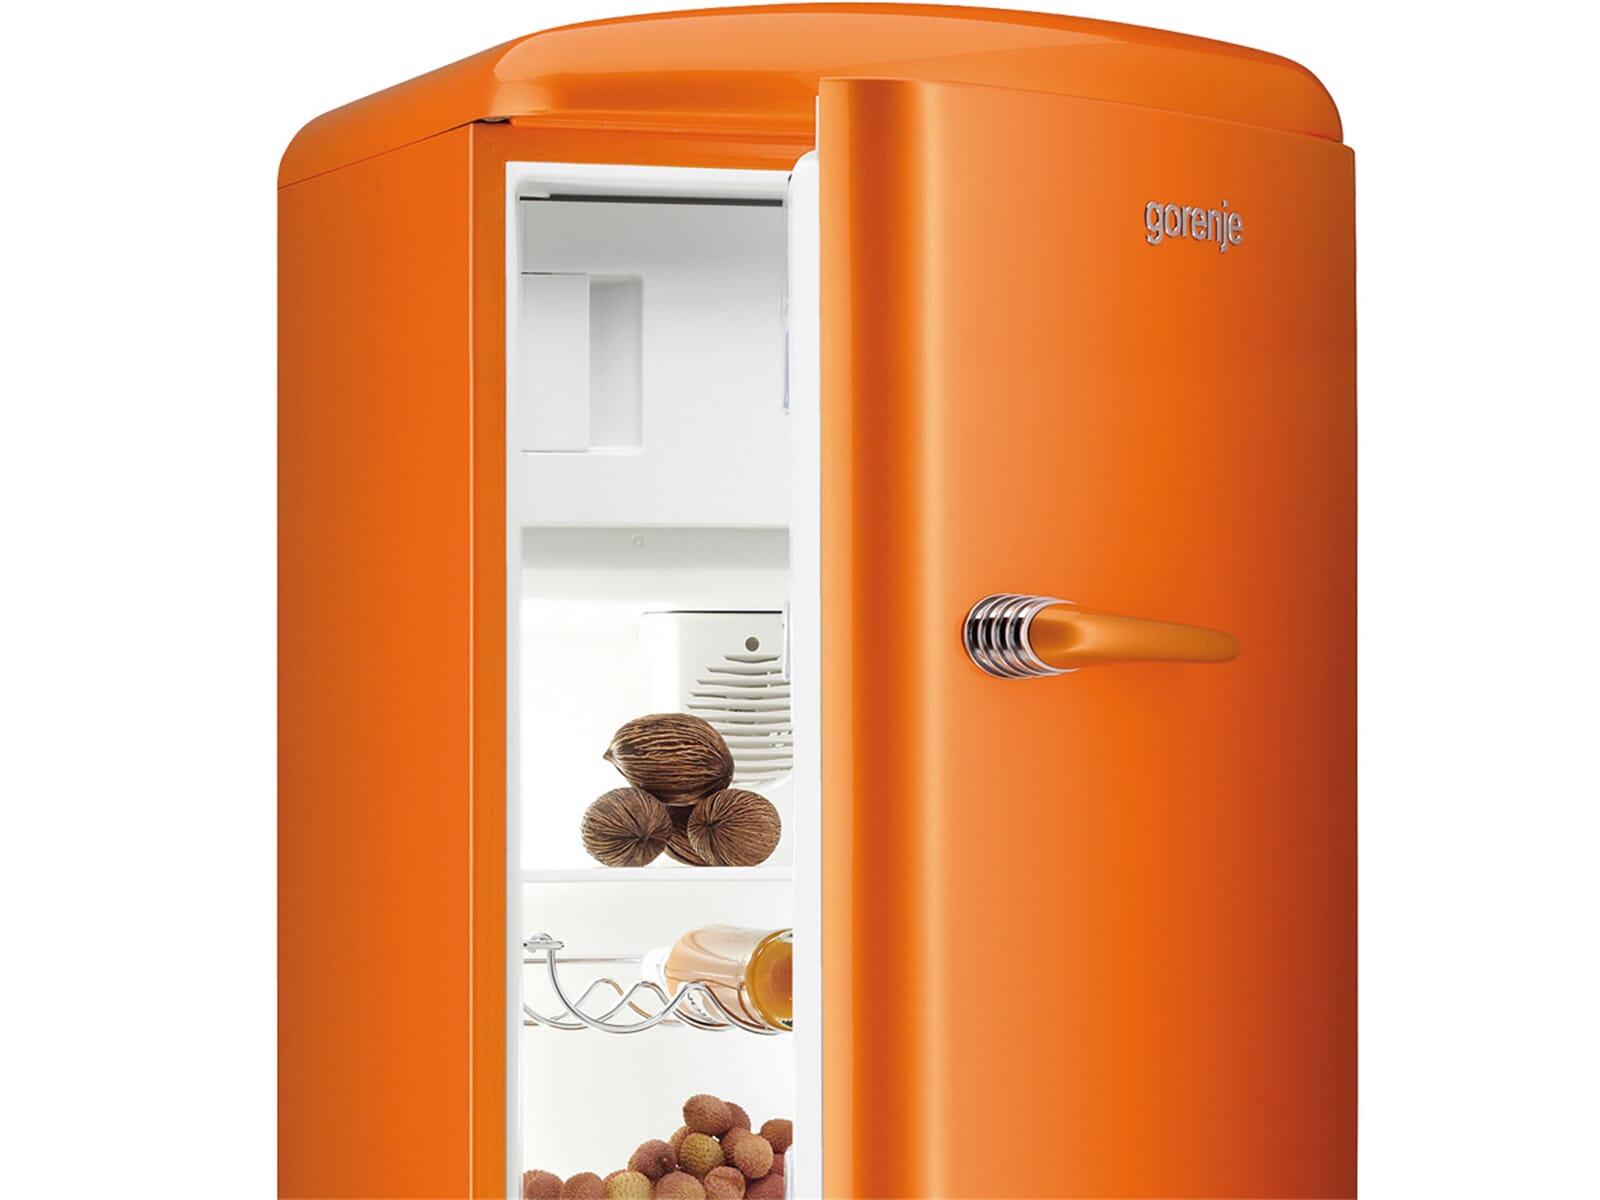 Bosch Kühlschrank Orange : Gorenje rb 60299 oo standkühlschrank orange